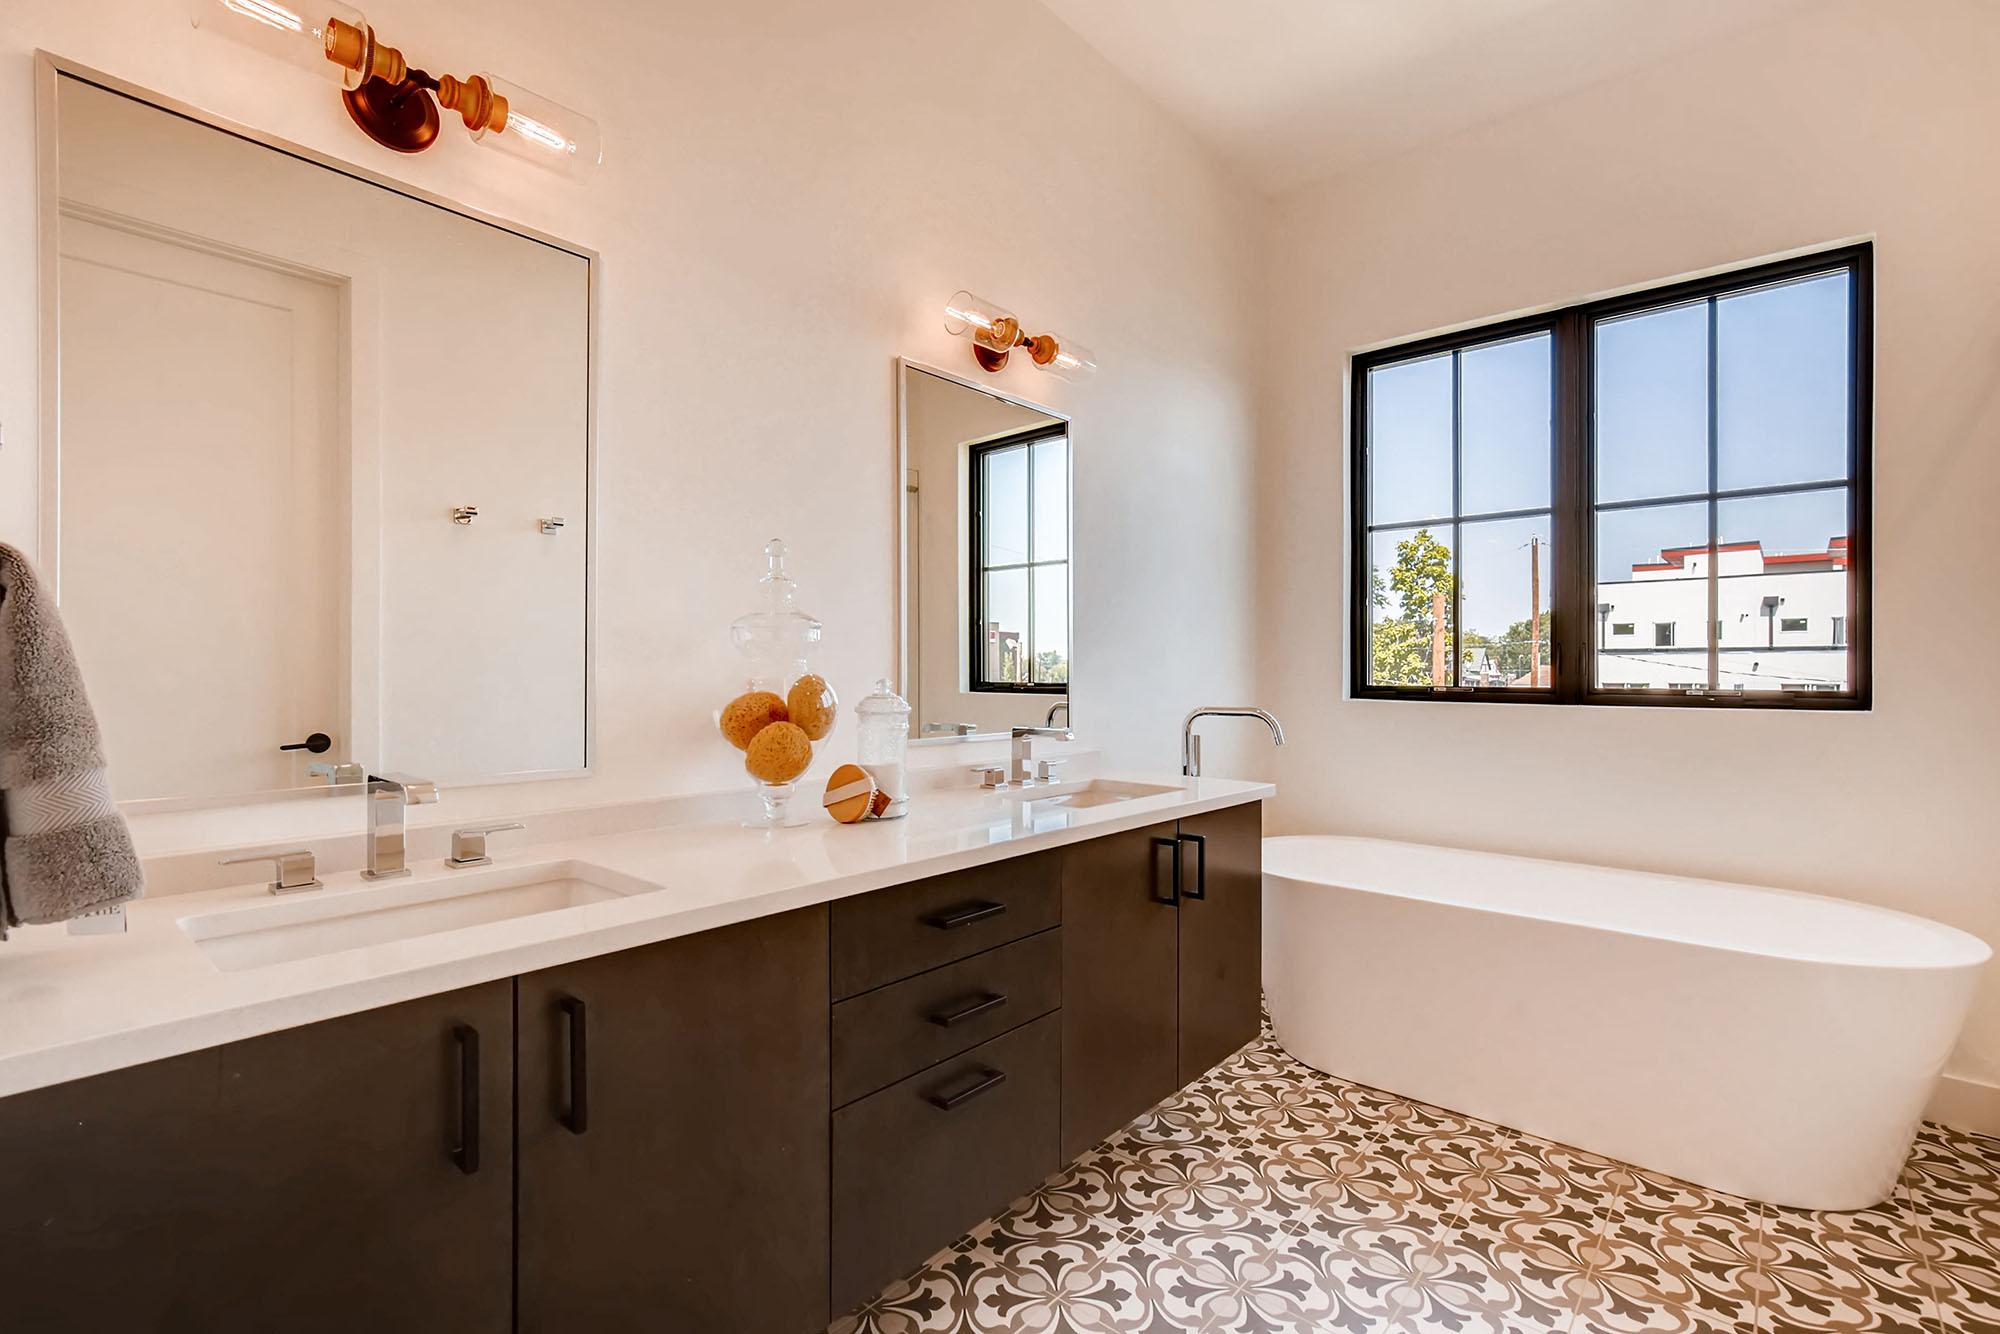 Master-Bathroom-300dpi.jpg